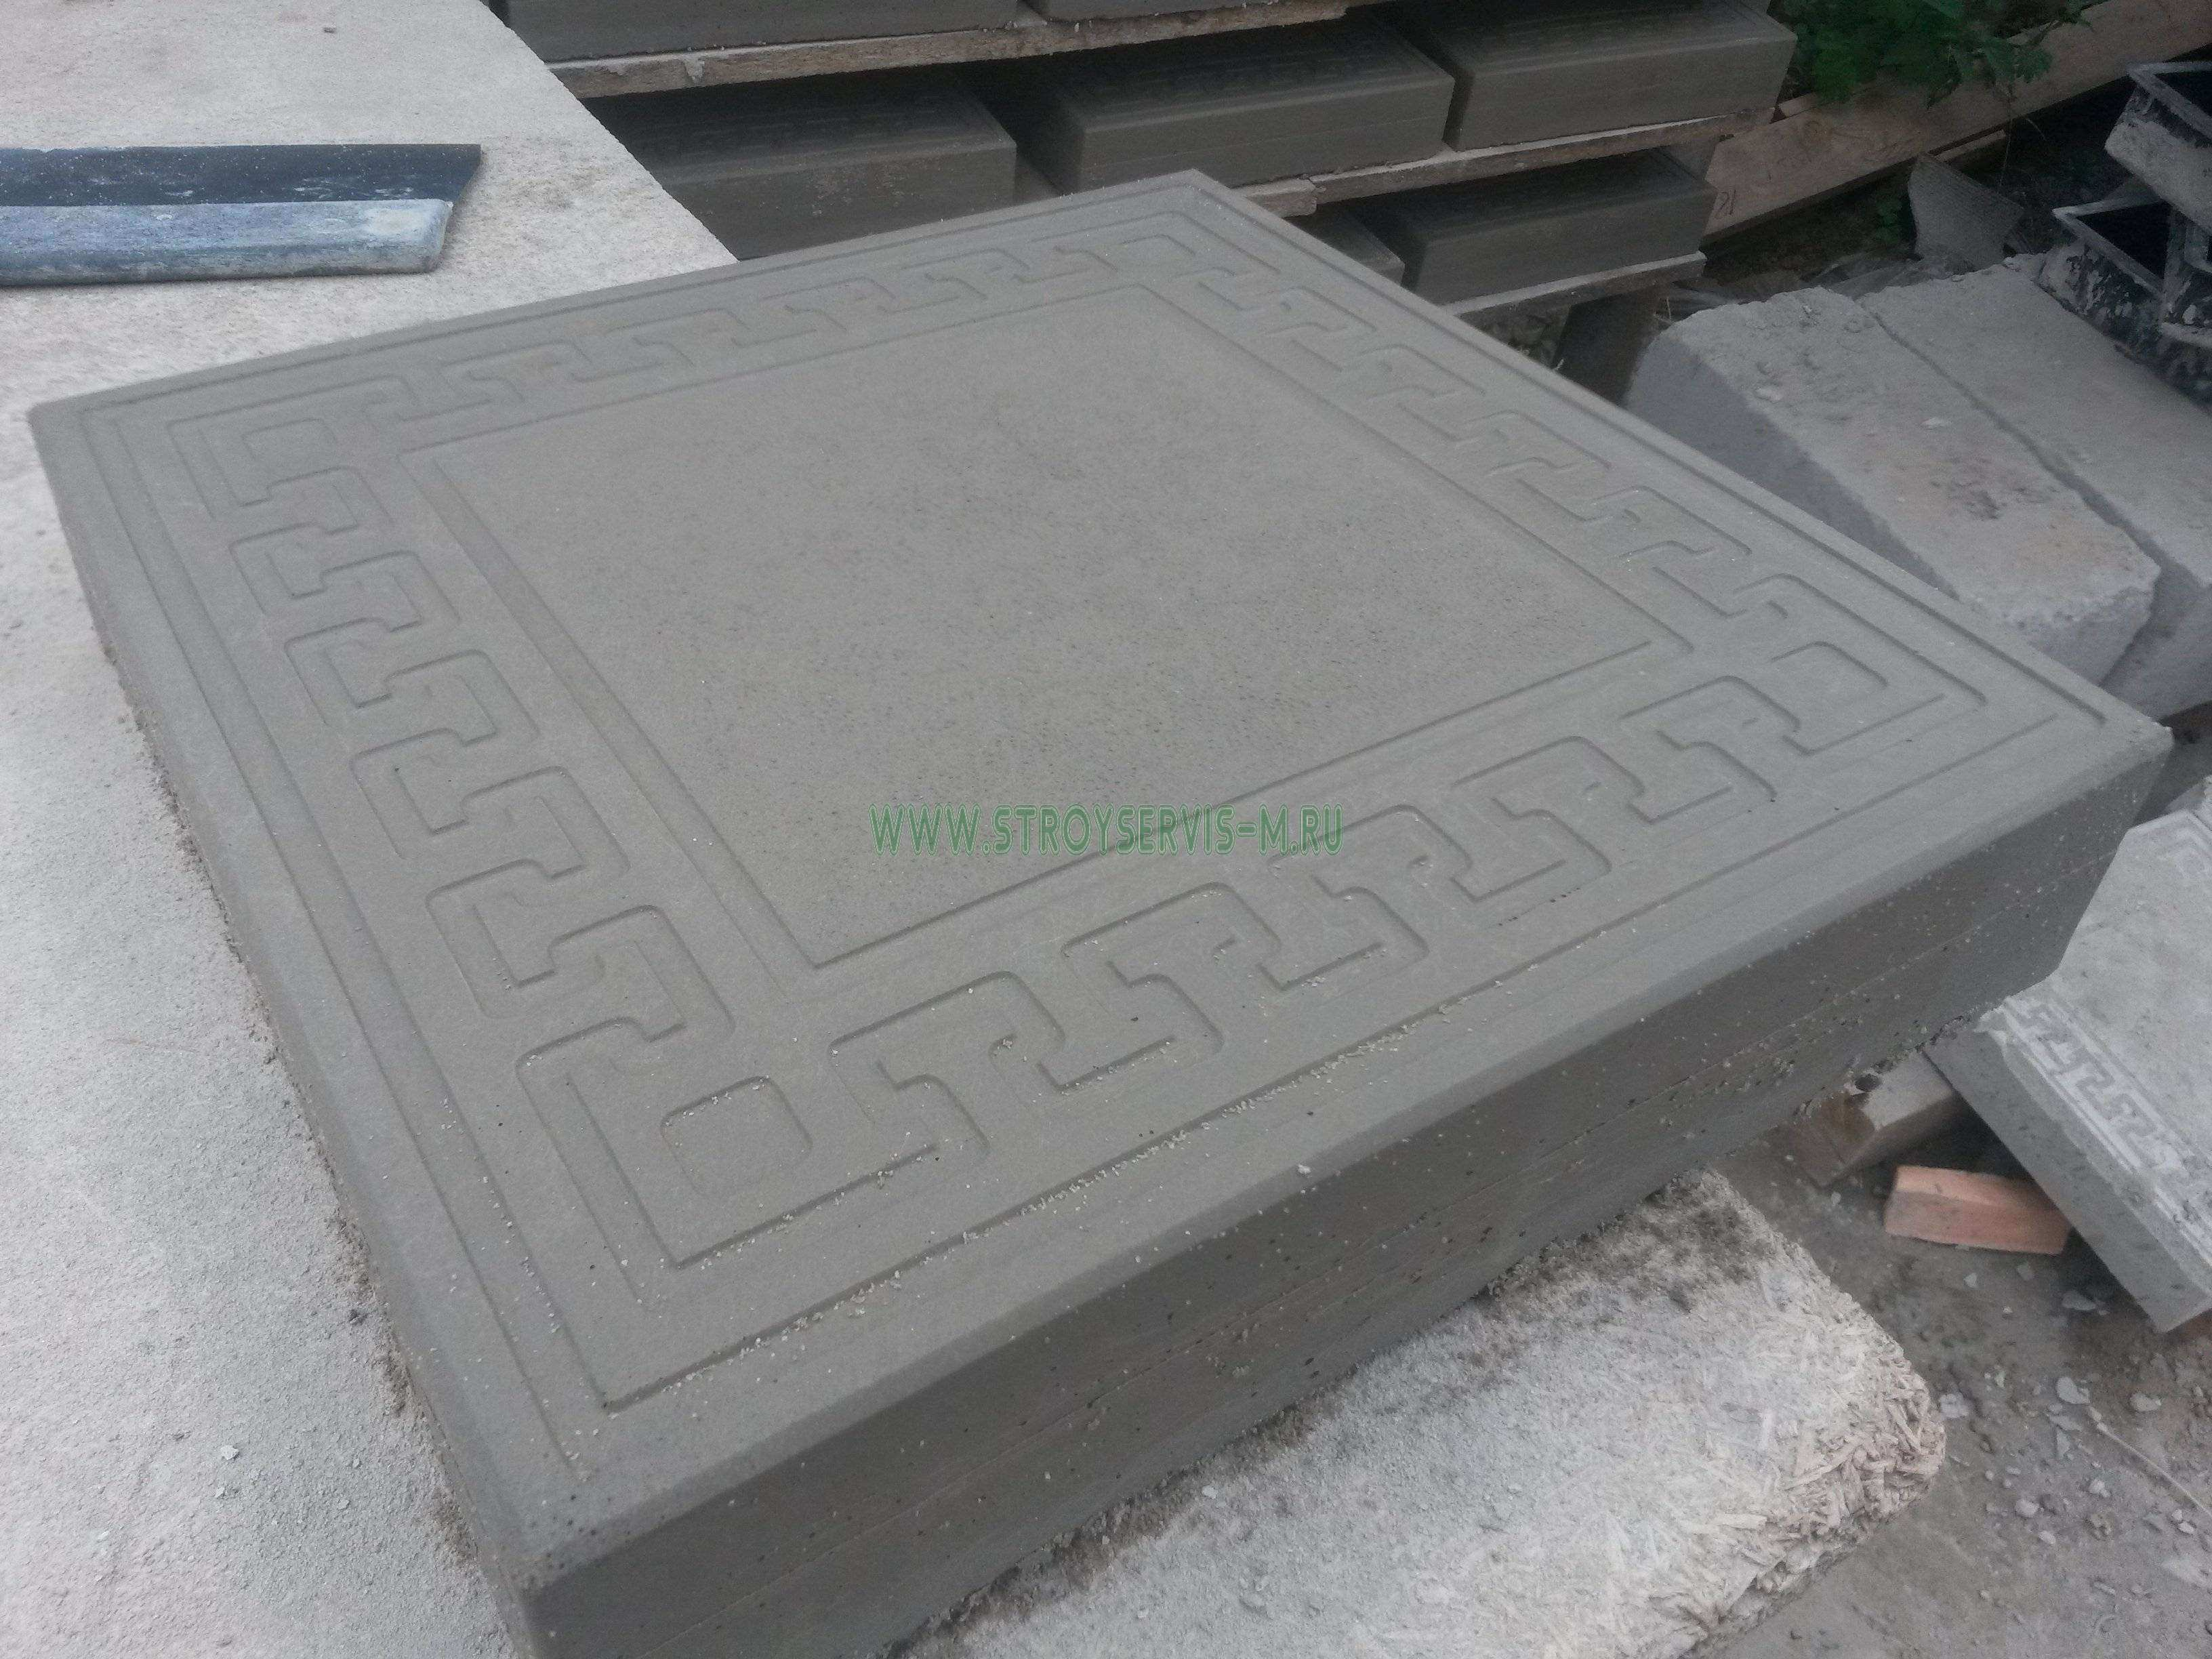 Плитка «Готика» Размер 300х300х45 мм. В 1 м2 - 11 шт. Стоимость указана за 1 шт.. Тротуарная плитка - Цена, Стоимость - 43 руб.(доставка по всей России)